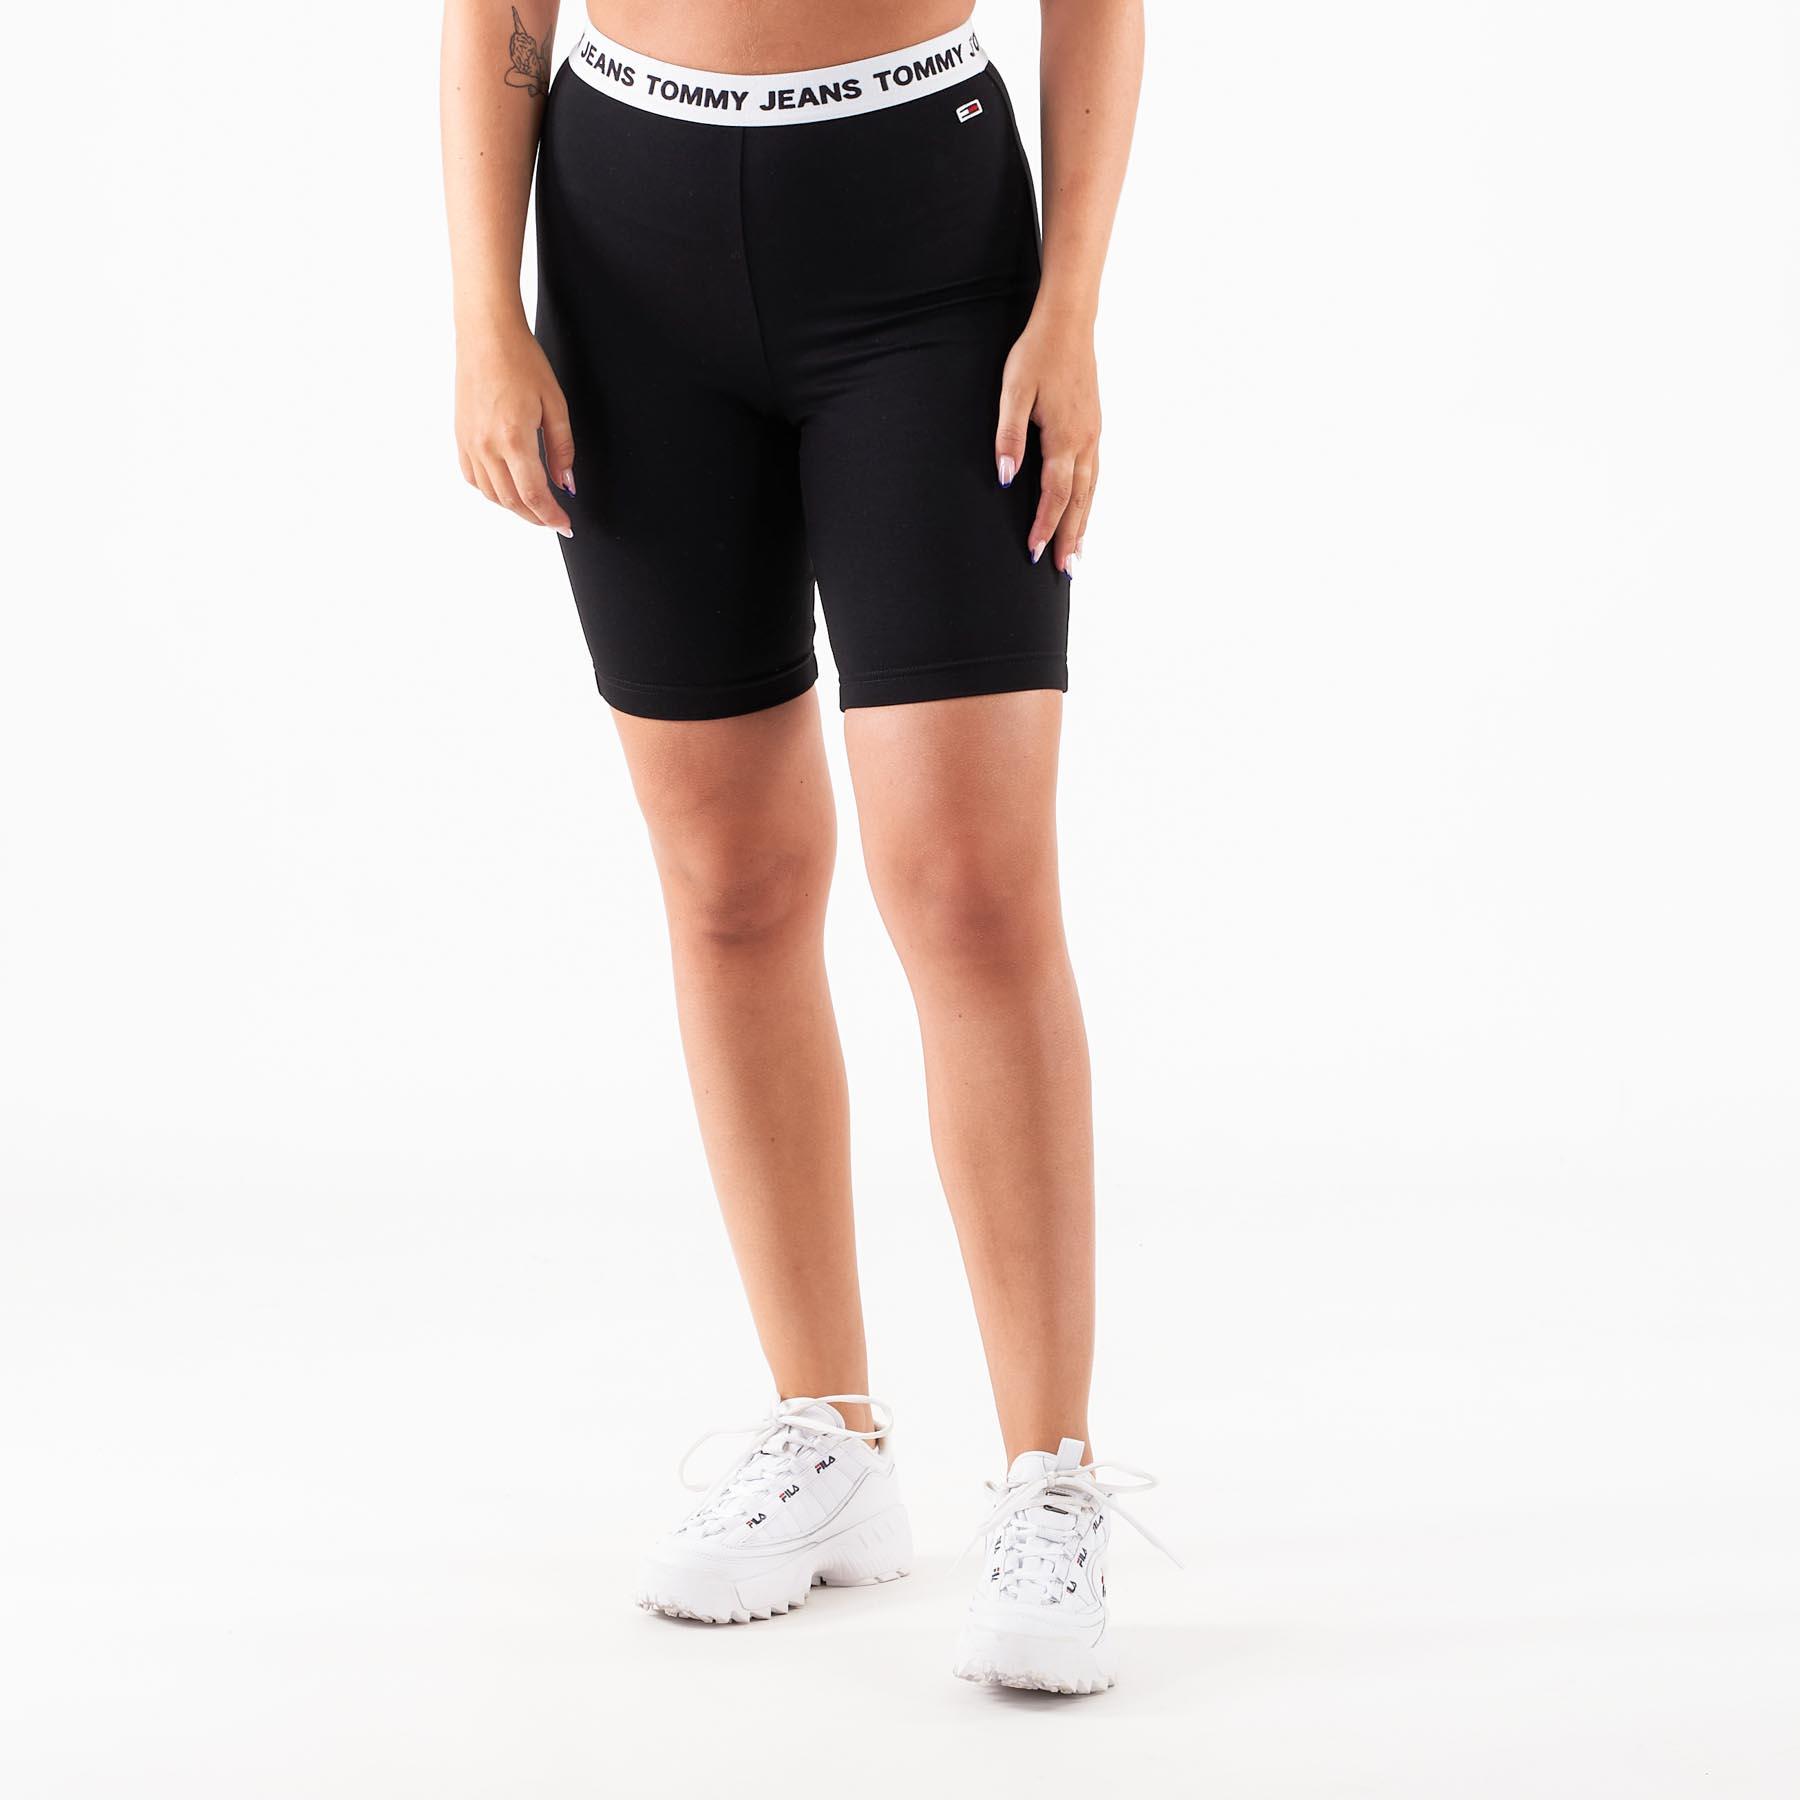 Tommy Jeans – Tjw legging shorts – Shorts til damer – Sort – L